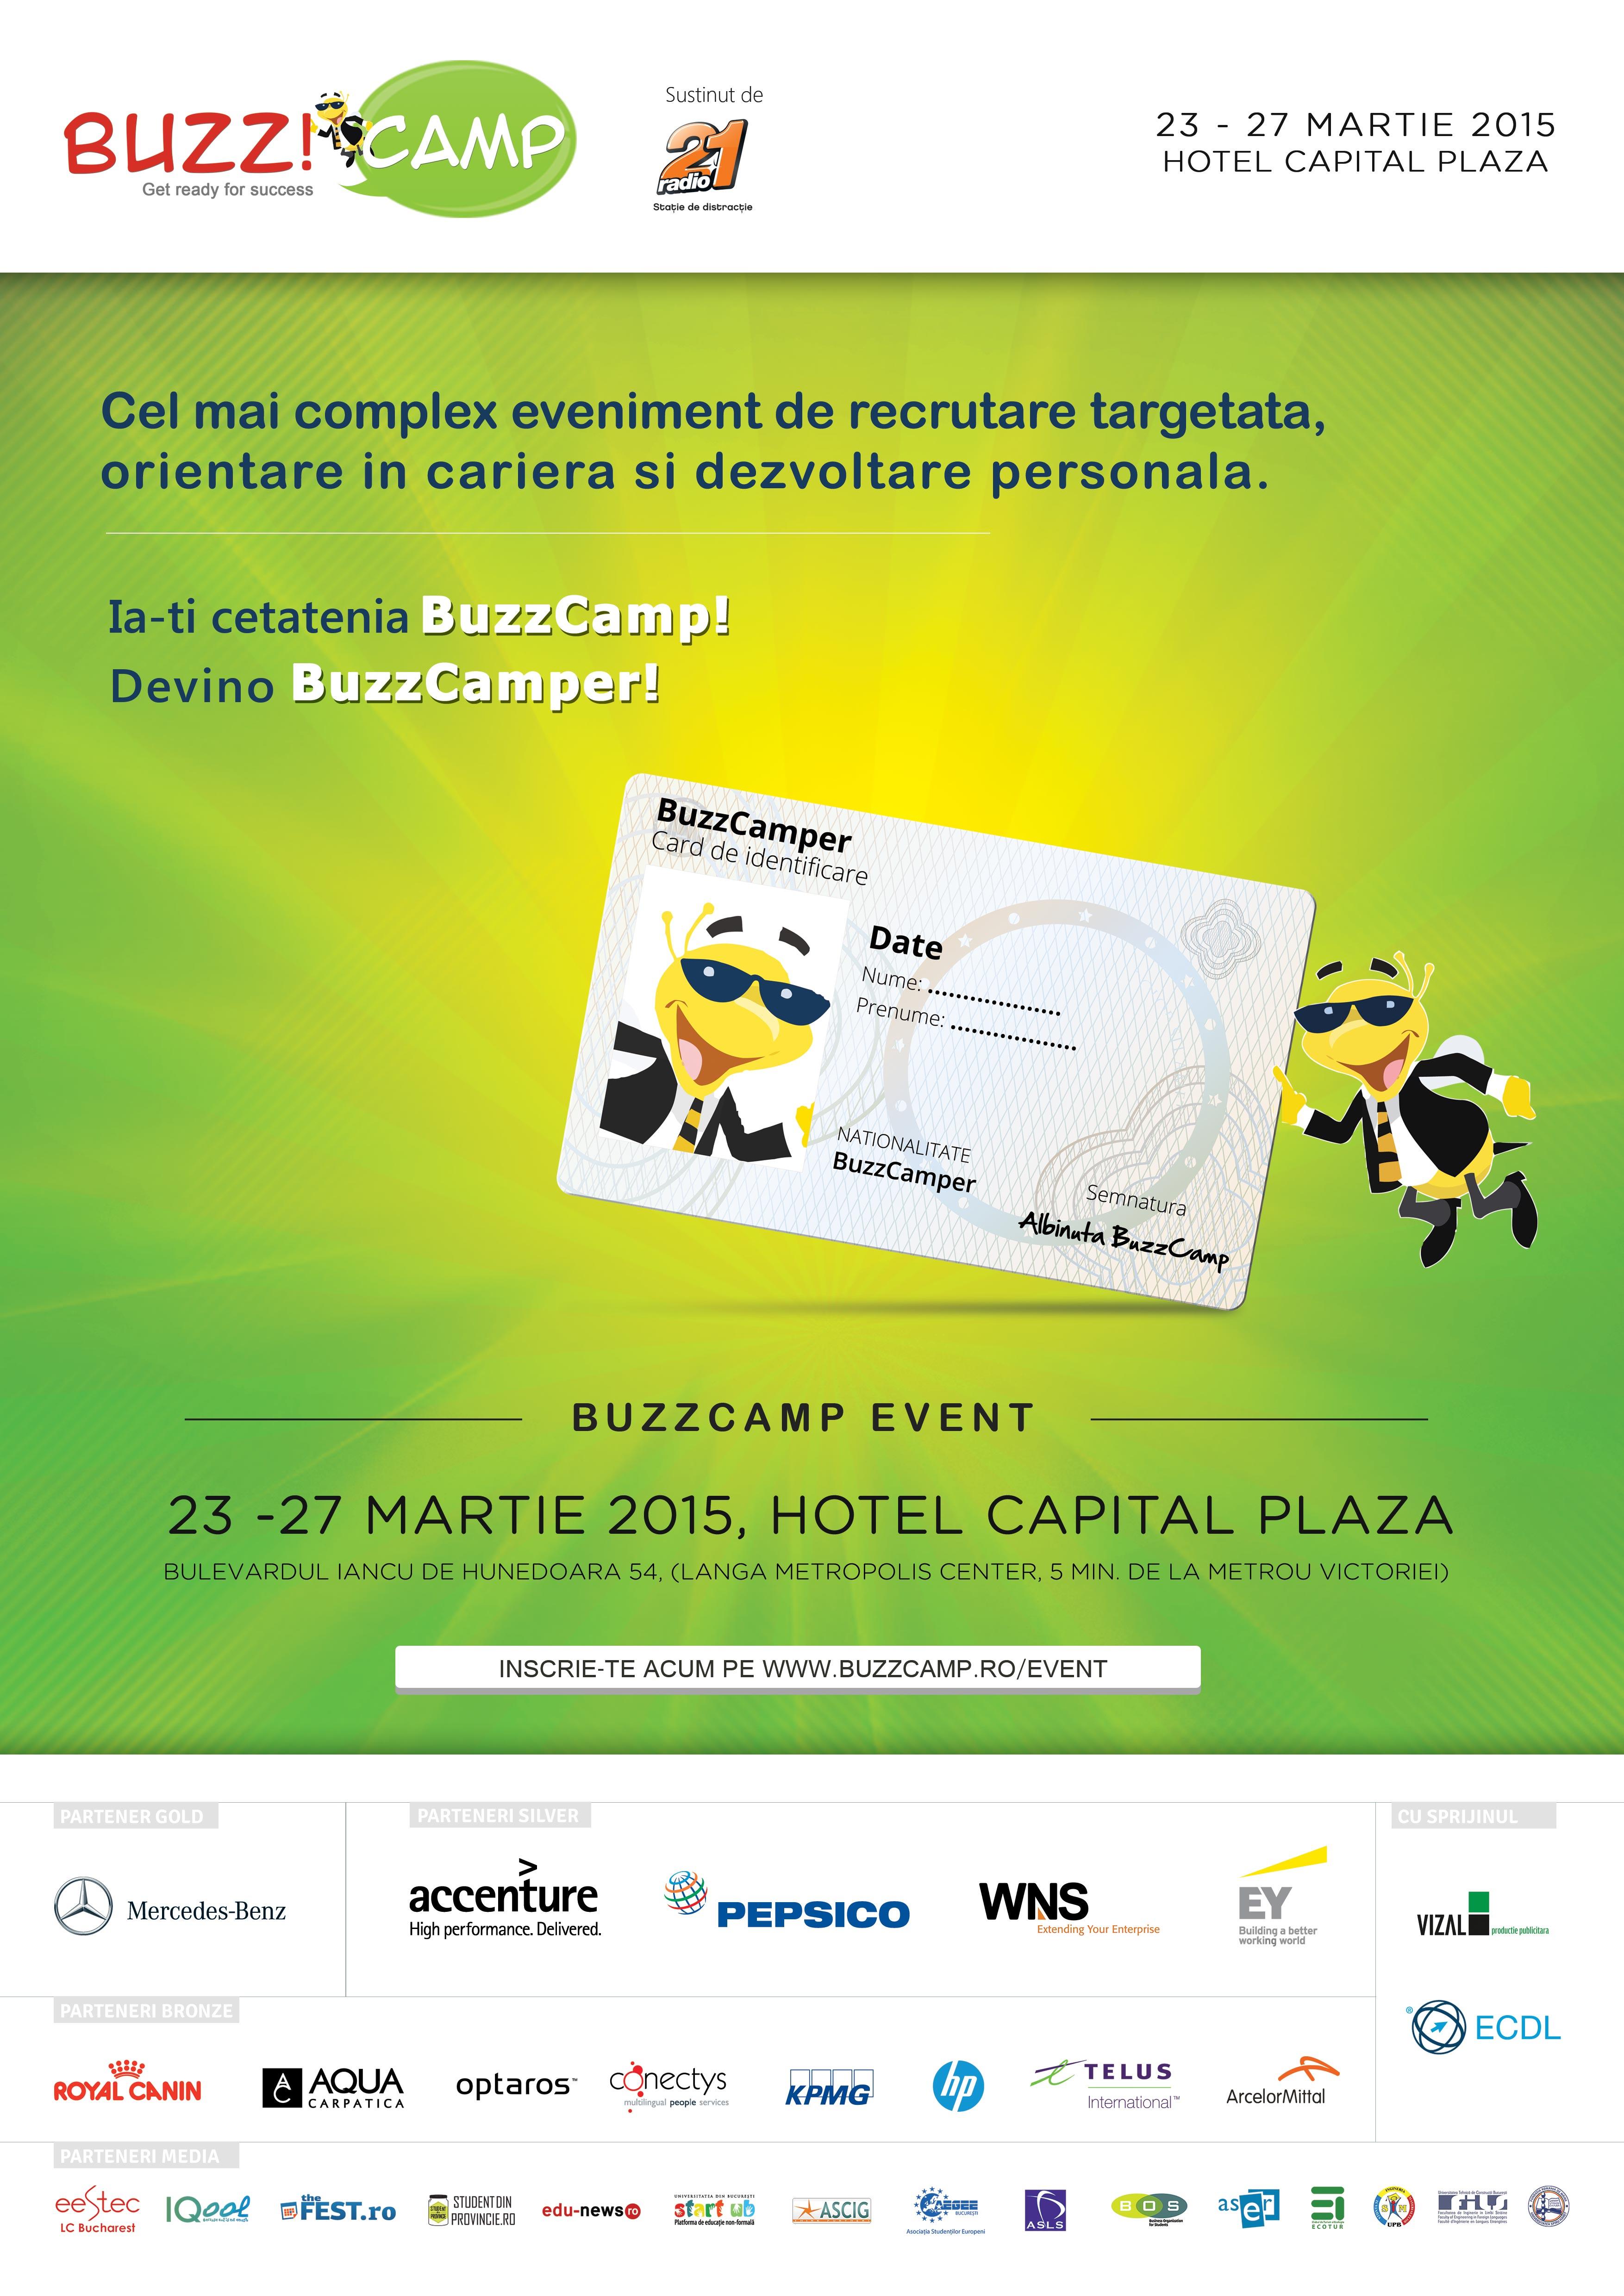 buzzcamp-online